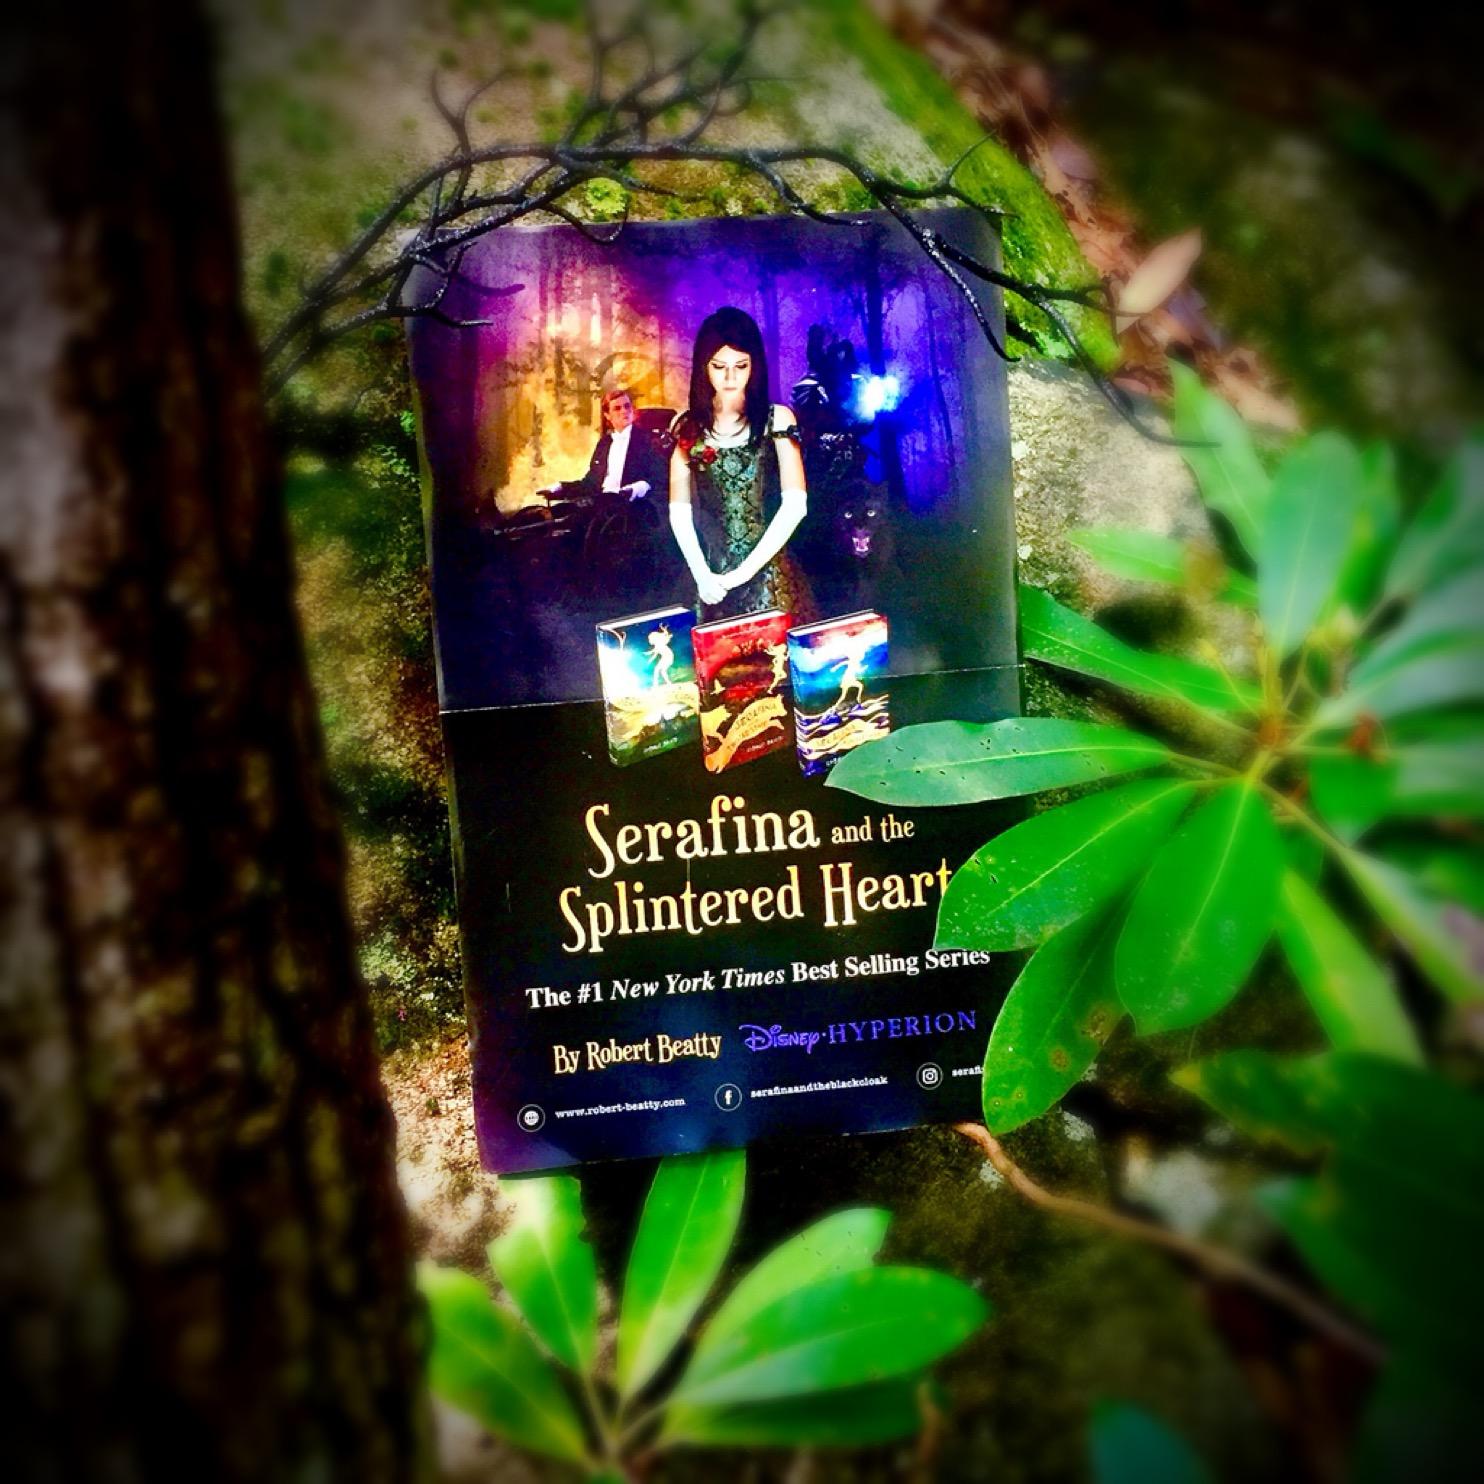 serafina-and-the-splintered-heart-robert-beatty-biltmore-asheville-appalachian-disney-hyperion-2